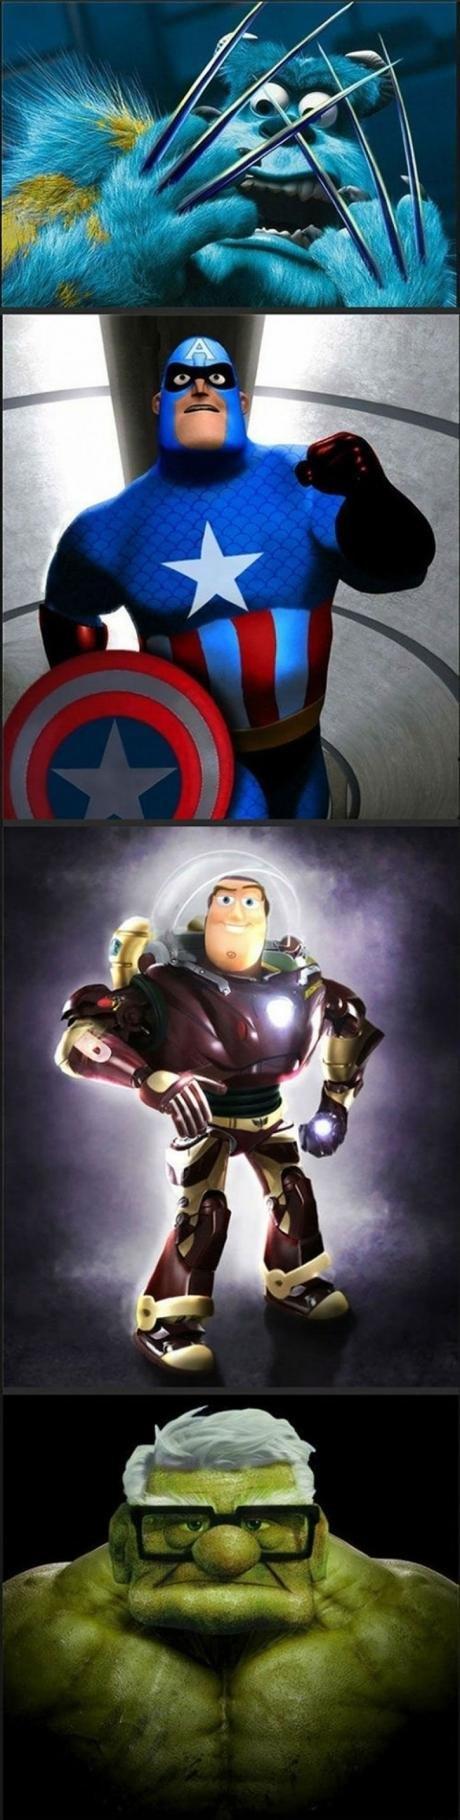 Marvel + Pixar. Avengers Assemble The Musical. Marvel + Pixar Avengers Assemble The Musical